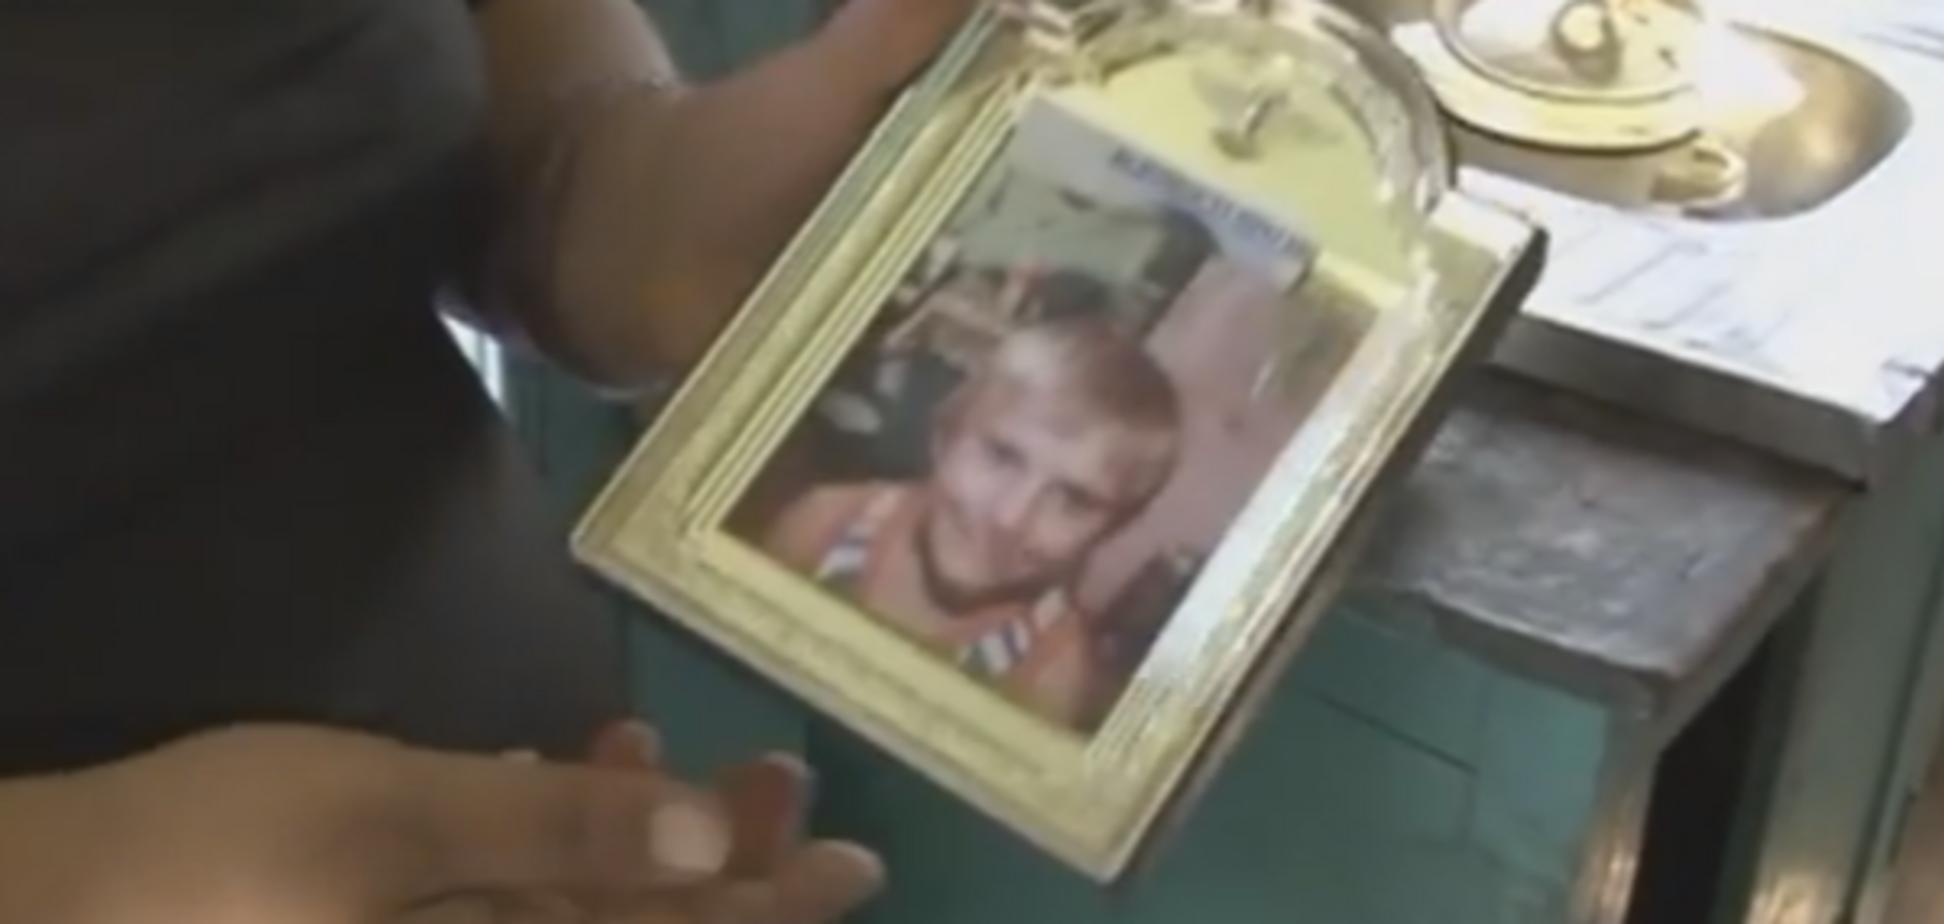 Звільнений за законом Савченко маніяк скоїв два звірячих вбивства